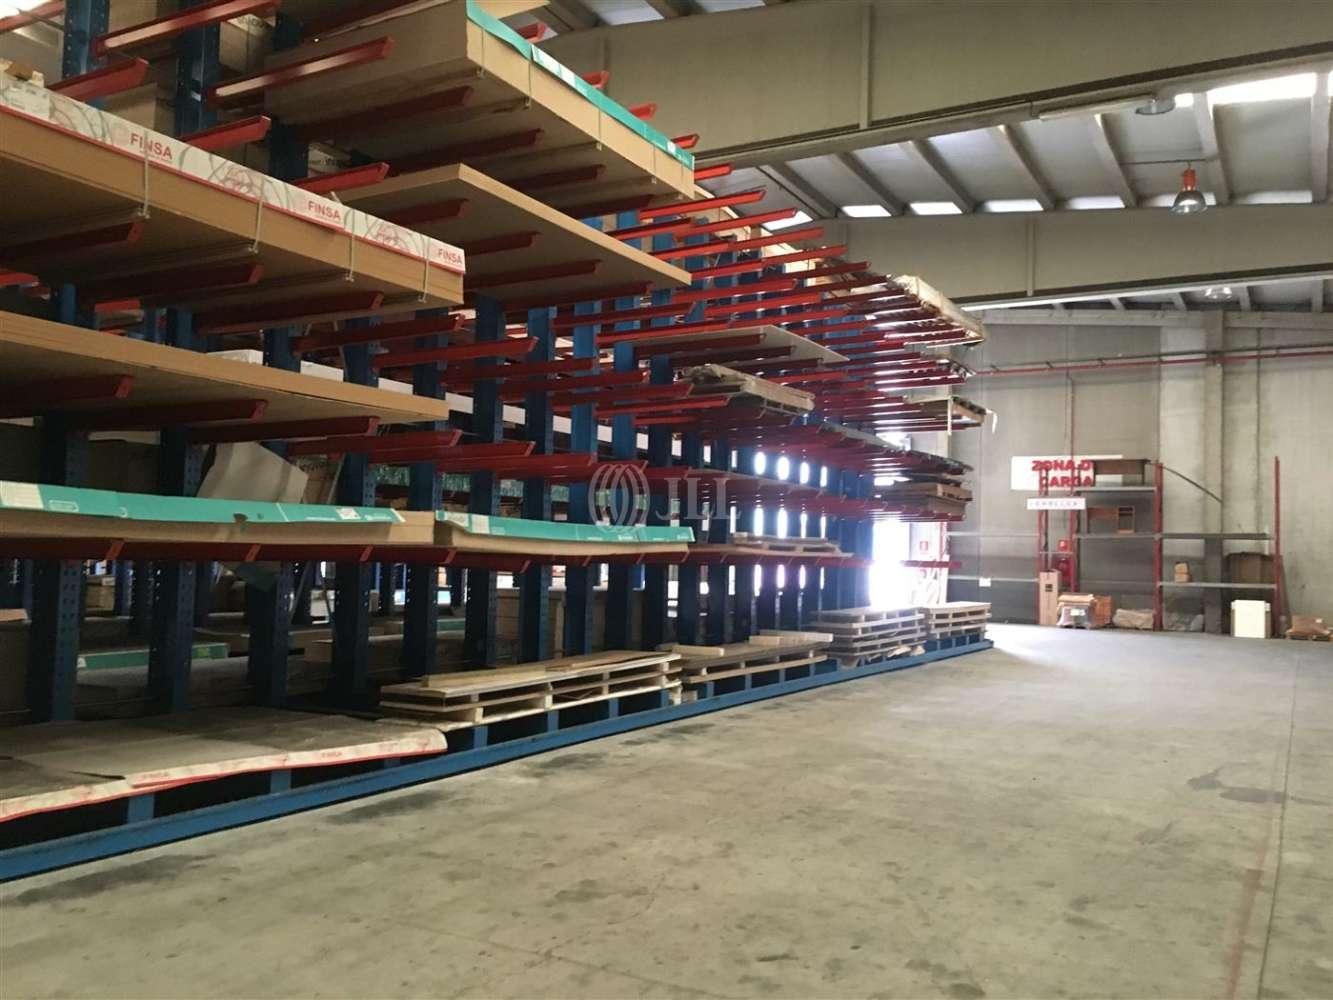 Naves industriales y logísticas Burgos, 09001 - Nave Industrial - B0489 NAVE INDUSTRIAL EN ALQUILER / VENTA - Pol. Ind. Villalonquéjar - BURGOS - 16904